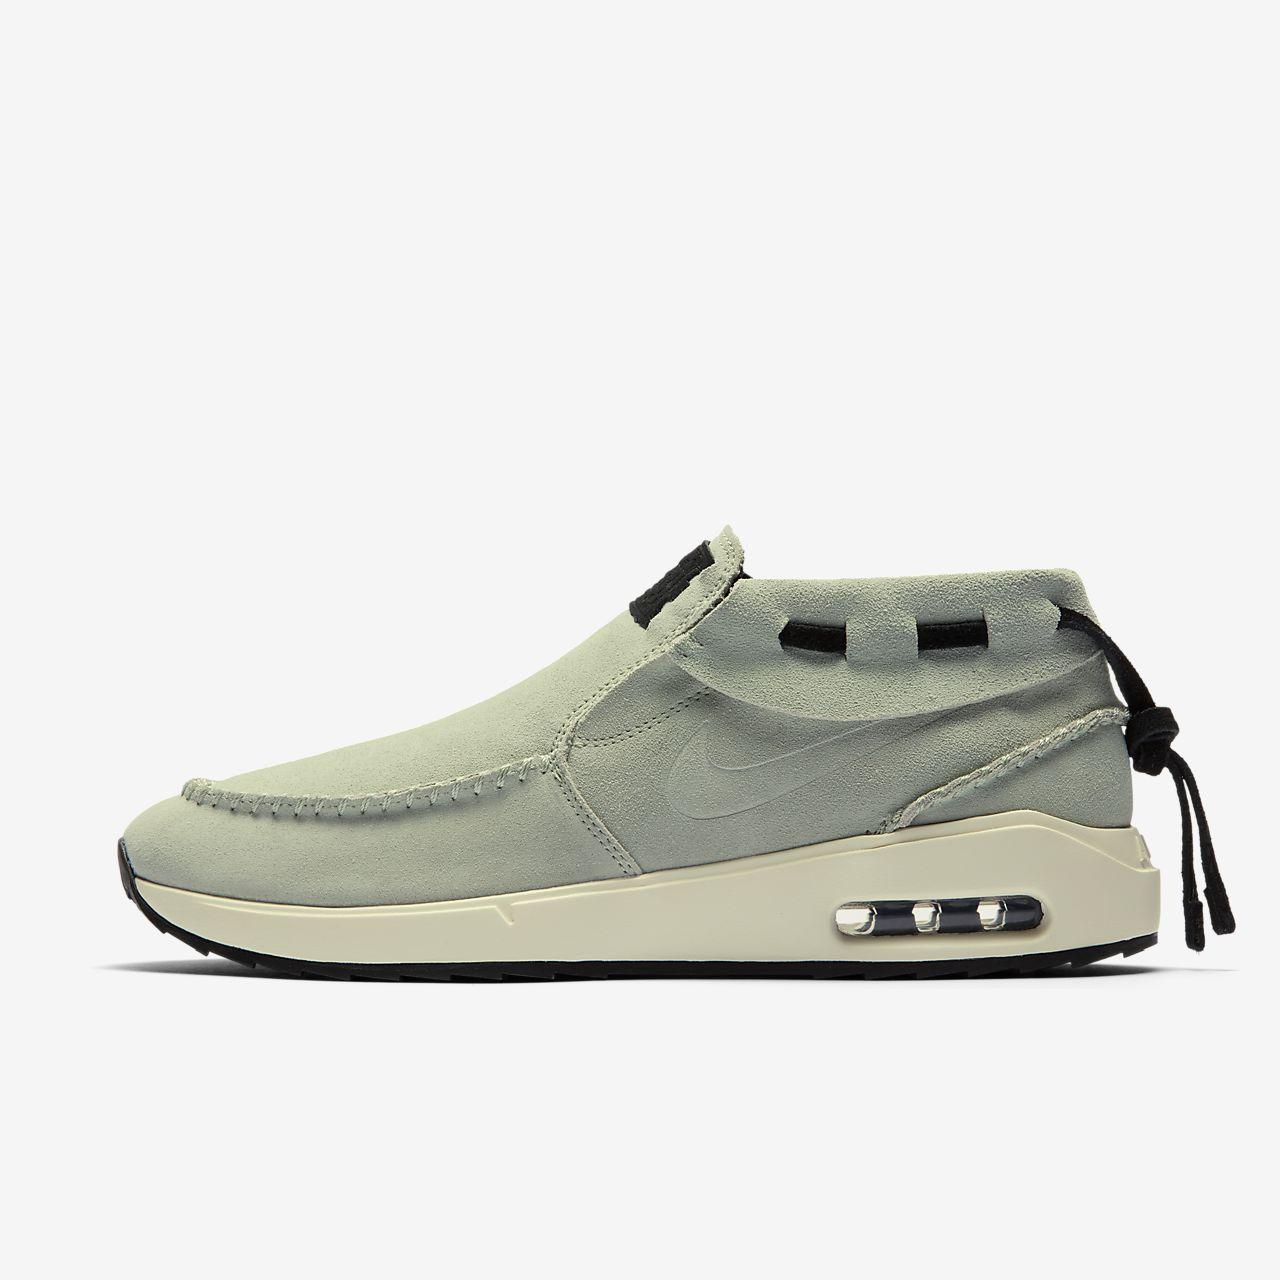 Обувь для скейтбординга Nike SB Air Max Stefan Janoski 2 Moc